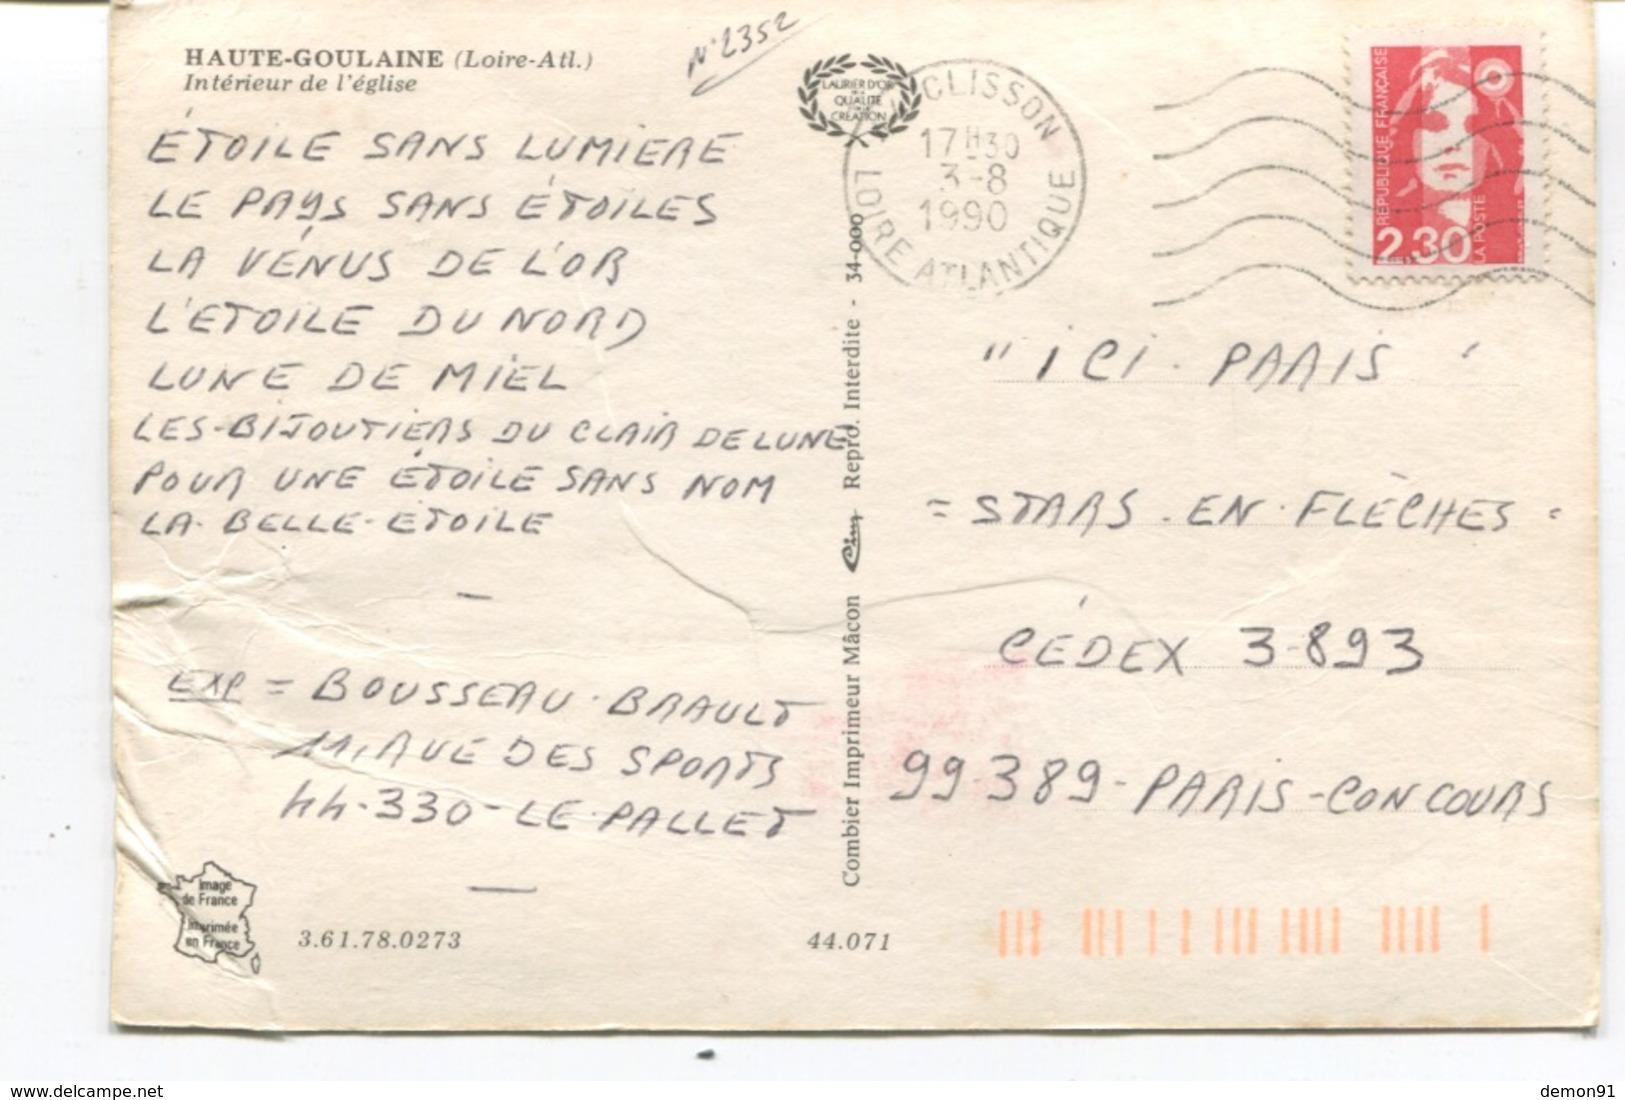 CPSM GF - HAUTE GOULAINE - INTERIEUR DE L' EGLISE - 1990 - Etat - Cim - - Haute-Goulaine